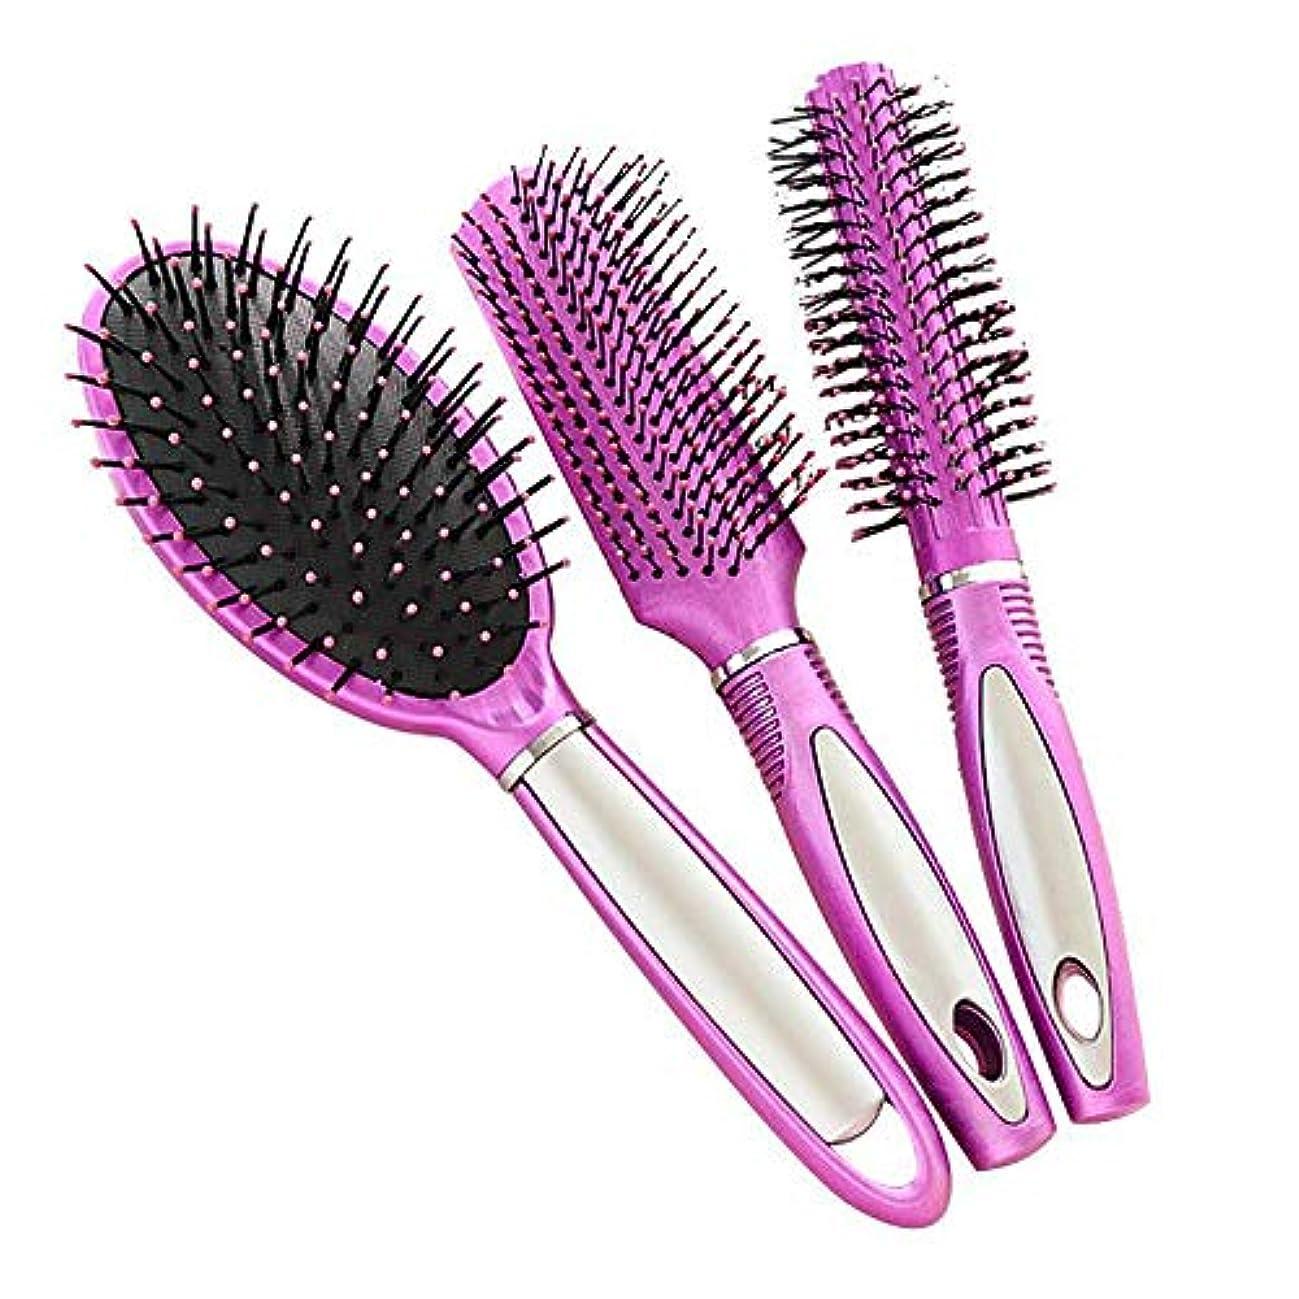 出演者適応する蘇生する帯電防止プラスチック製のヘアブラシ、すべての髪の種類のためのヘアマッサージDetangler(3PCS)